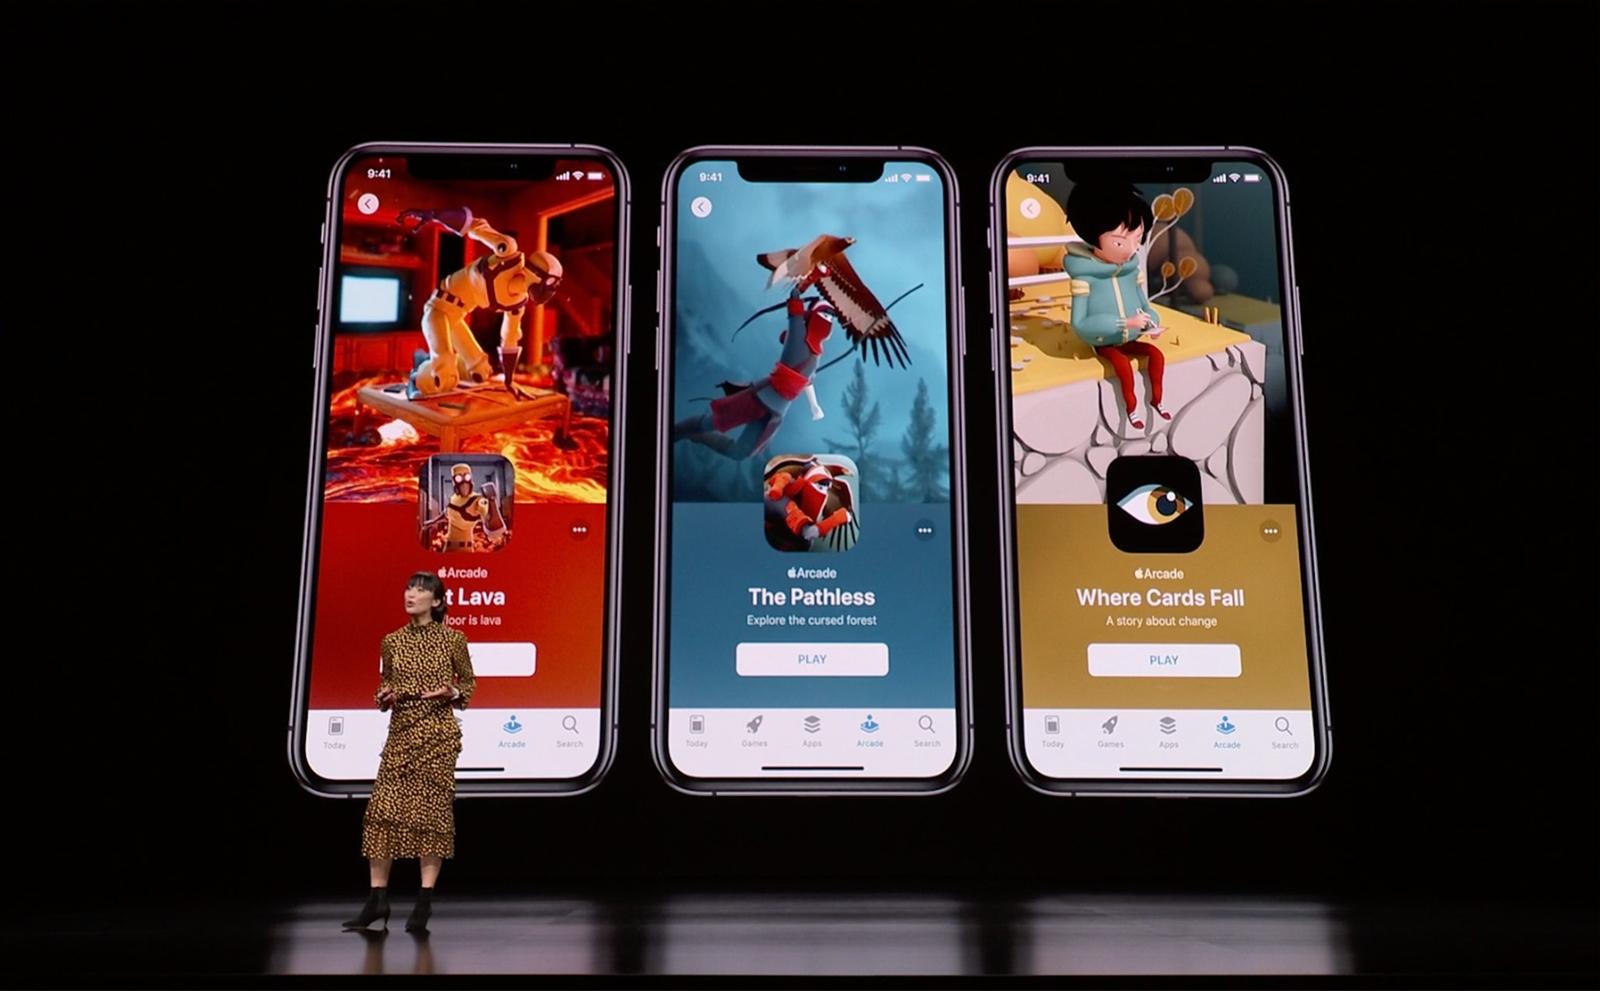 Khám phá dịch vụ Arcade của Apple sắp phát hành